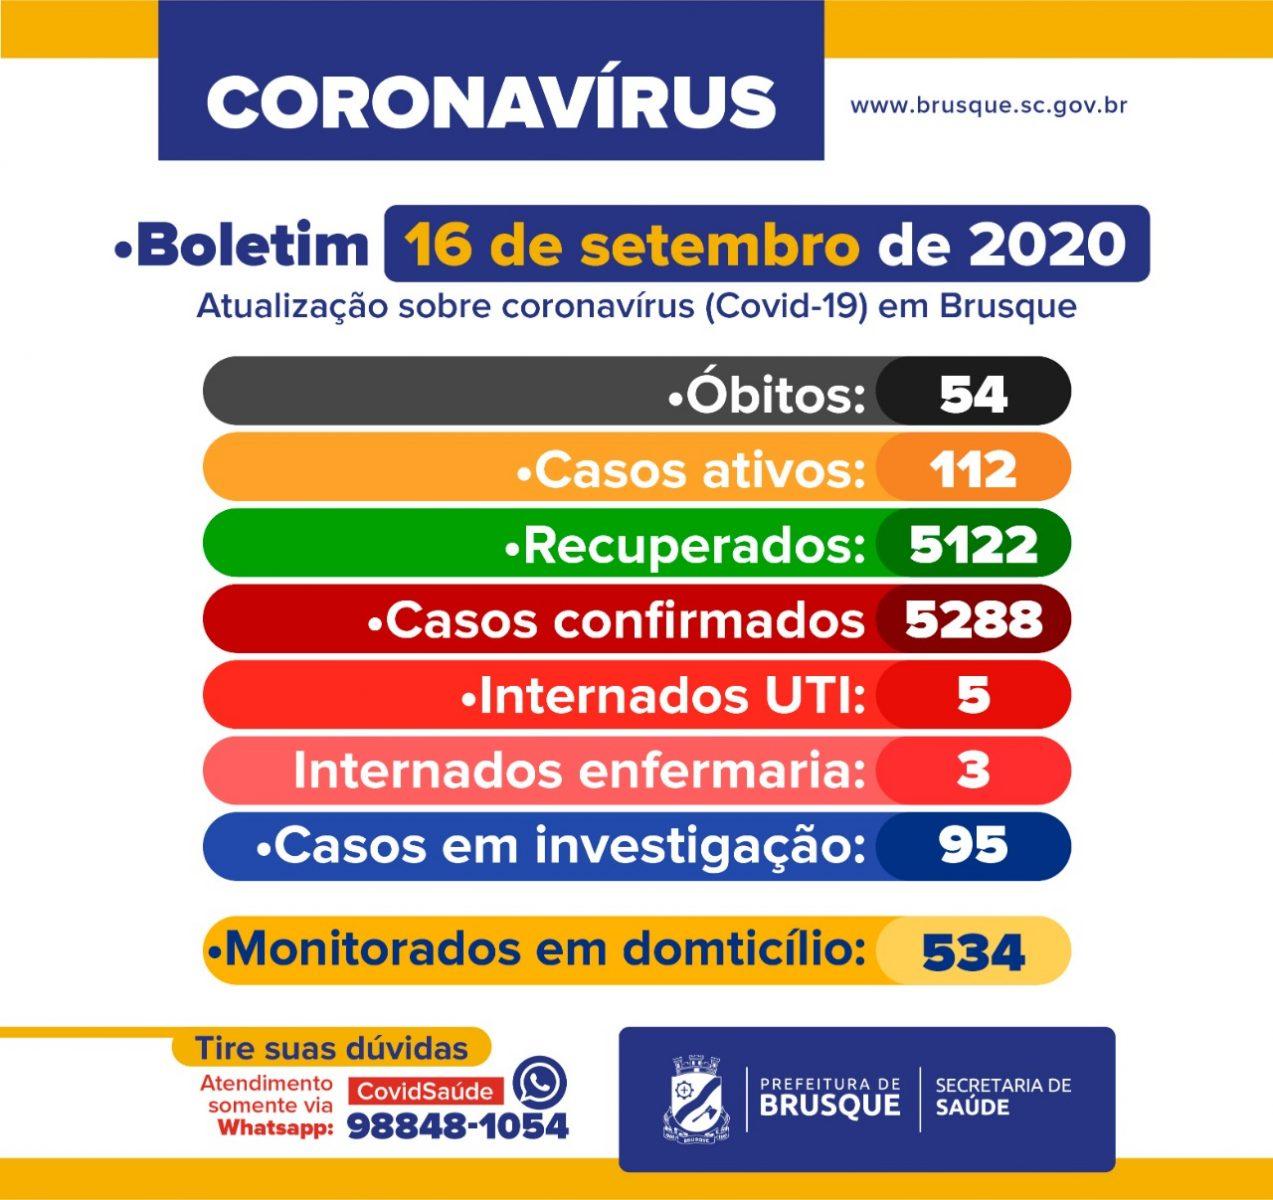 COVID-19: Boletim epidemiológico desta quarta-feira, 16 de setembro